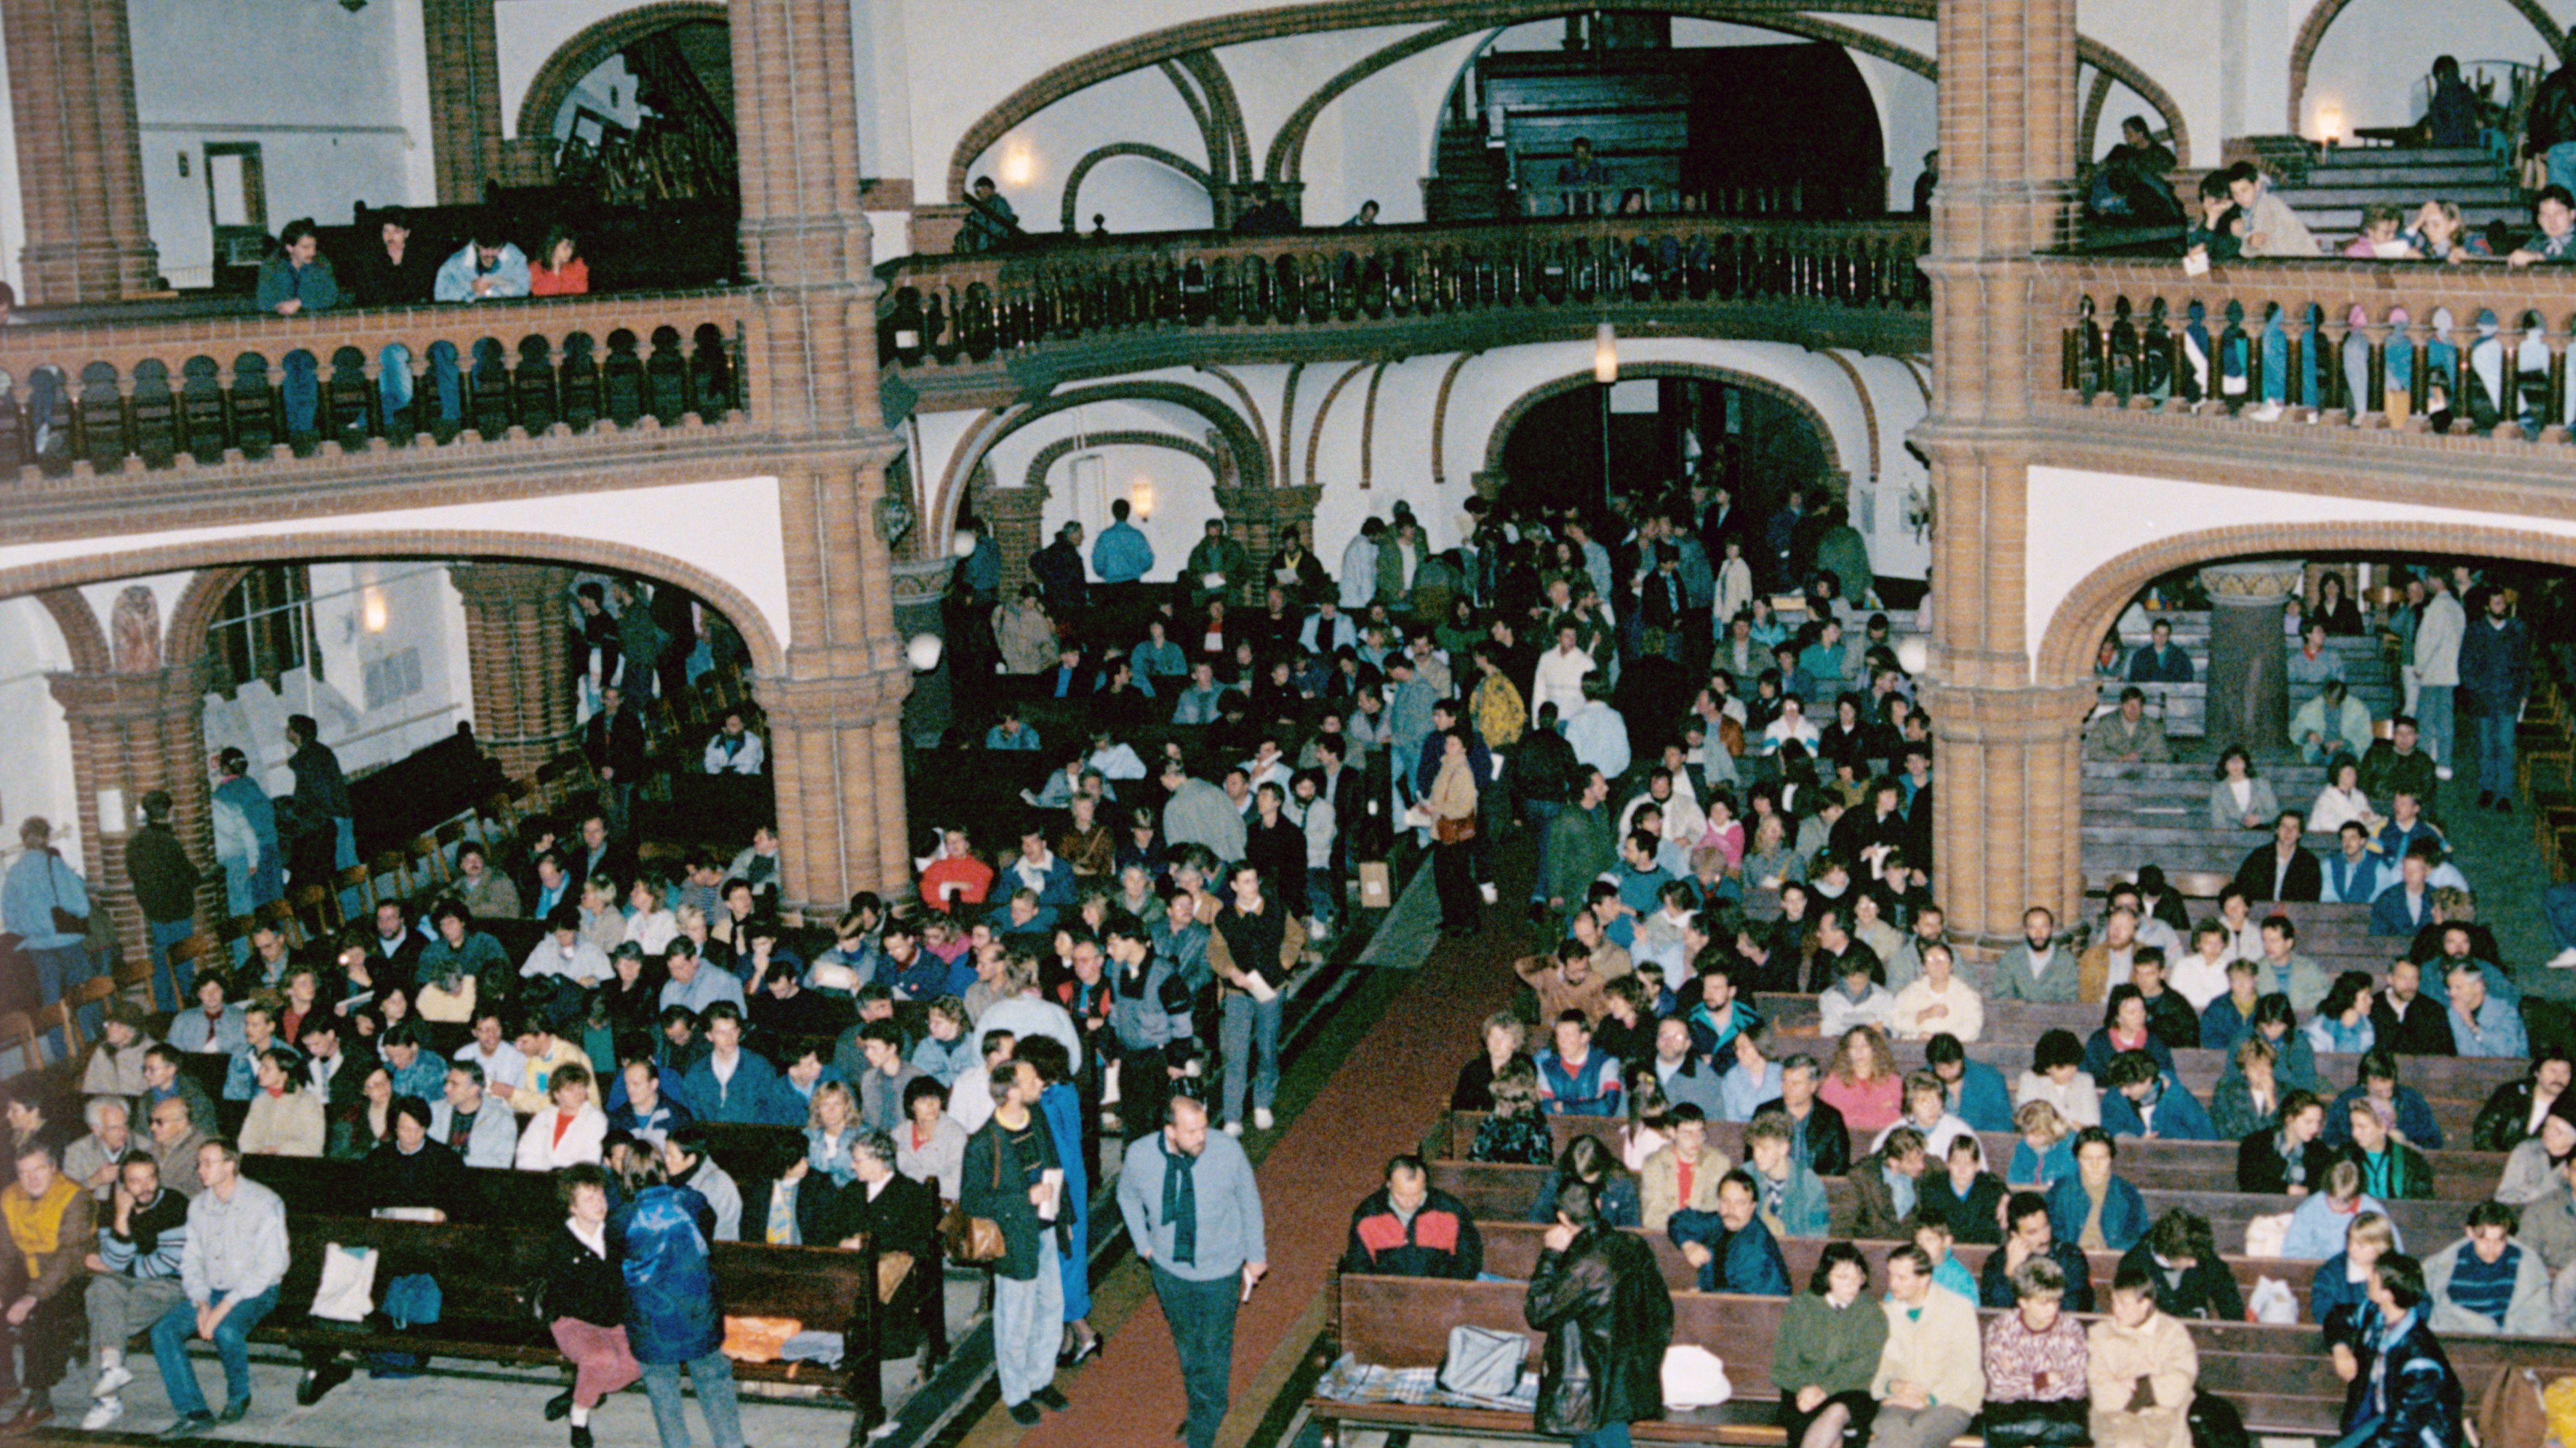 Konzert staatskritischer Künstler in der Berliner Erlöserkirche im Oktiober 1989